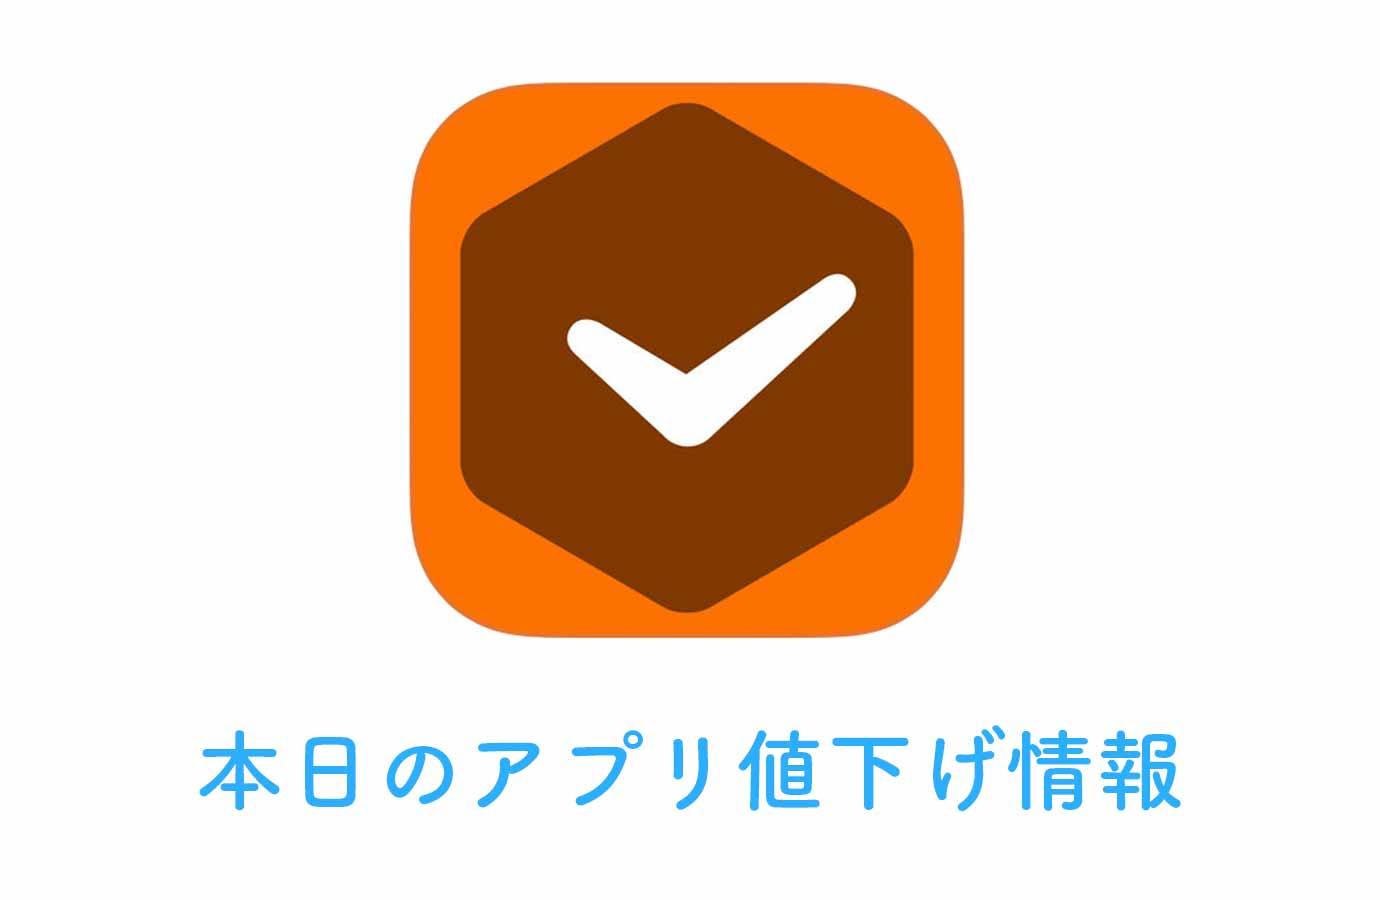 240円→無料!スッキリ目覚められる睡眠サイクル管理アプリ「Smart Alarm Clock」など【1/20】本日の無料アプリ、値下げアプリ情報